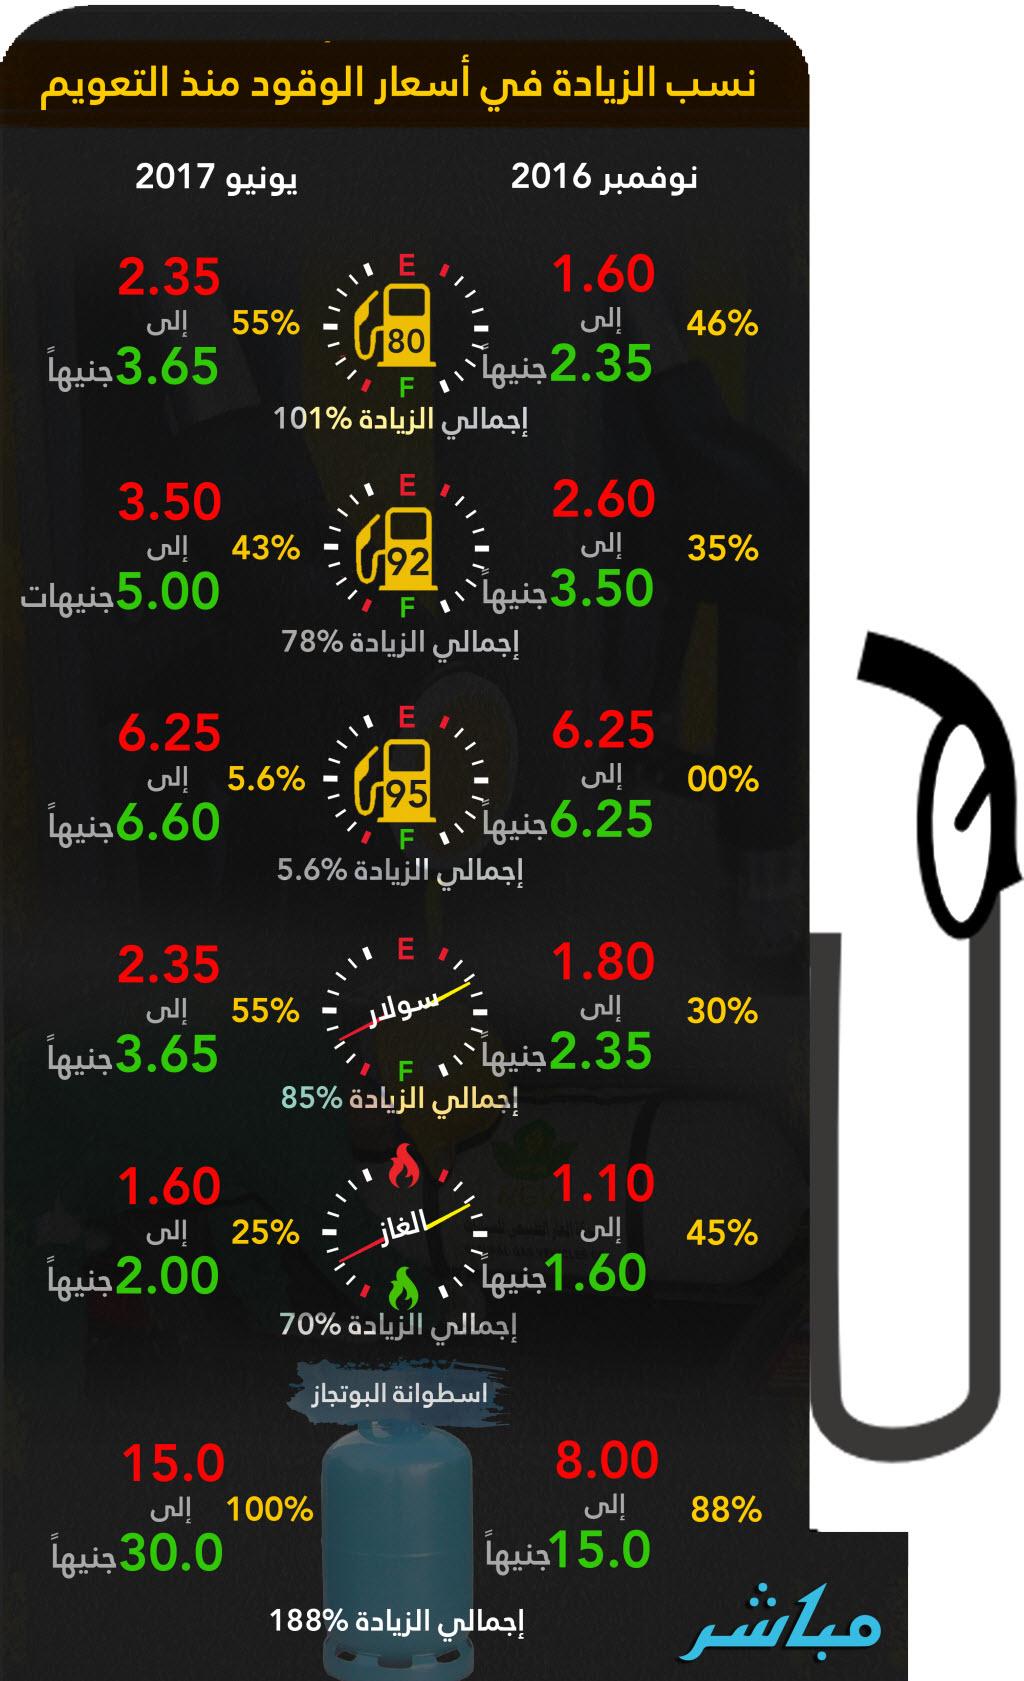 إنفوجرافالبوتجاز وبنزين80 يتصدران زيادة أسعار الوقود منذ